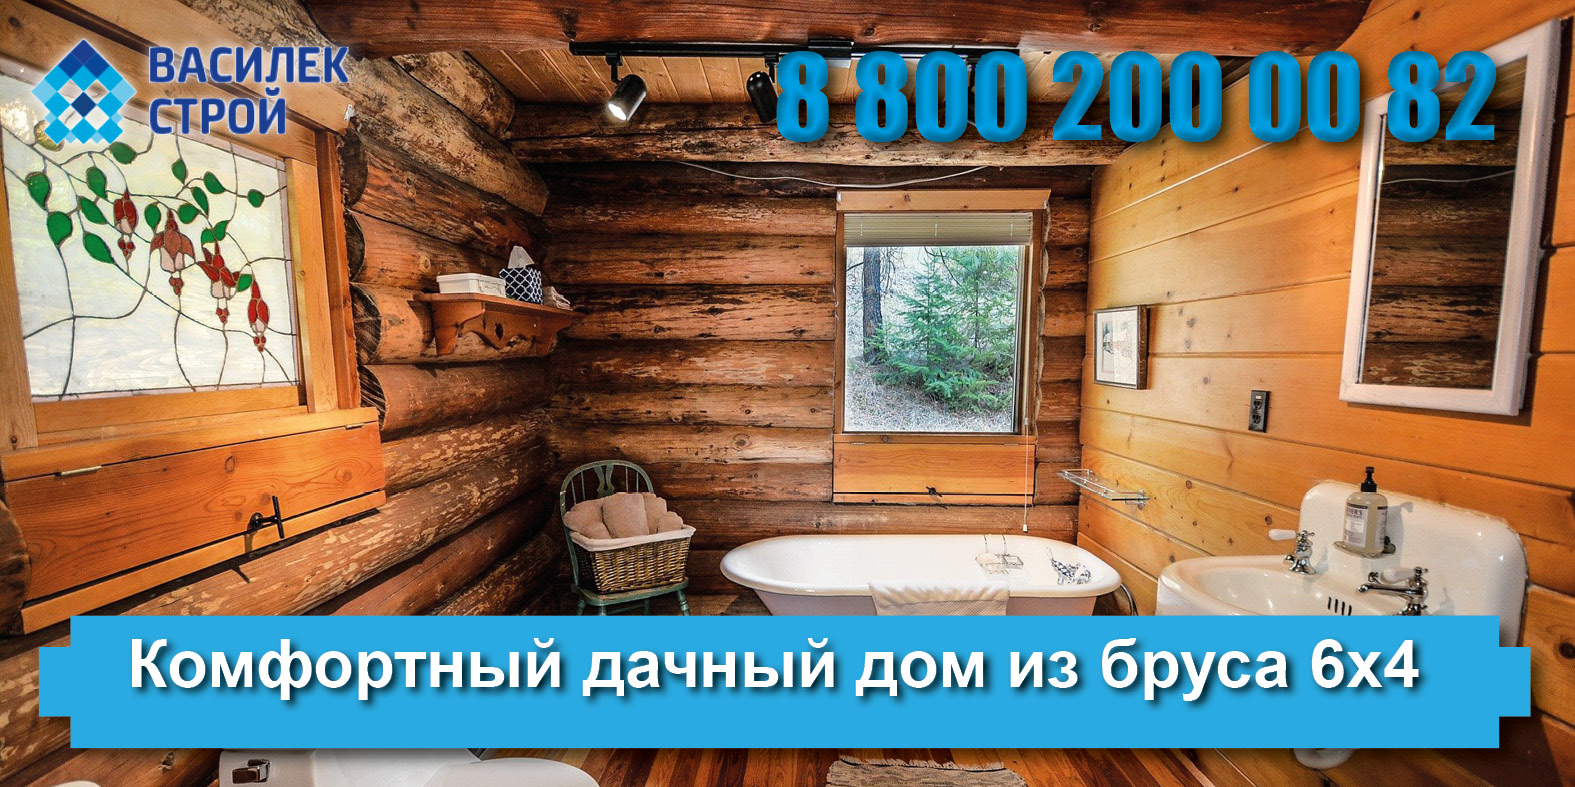 Построить дачный дом из бруса 6х4